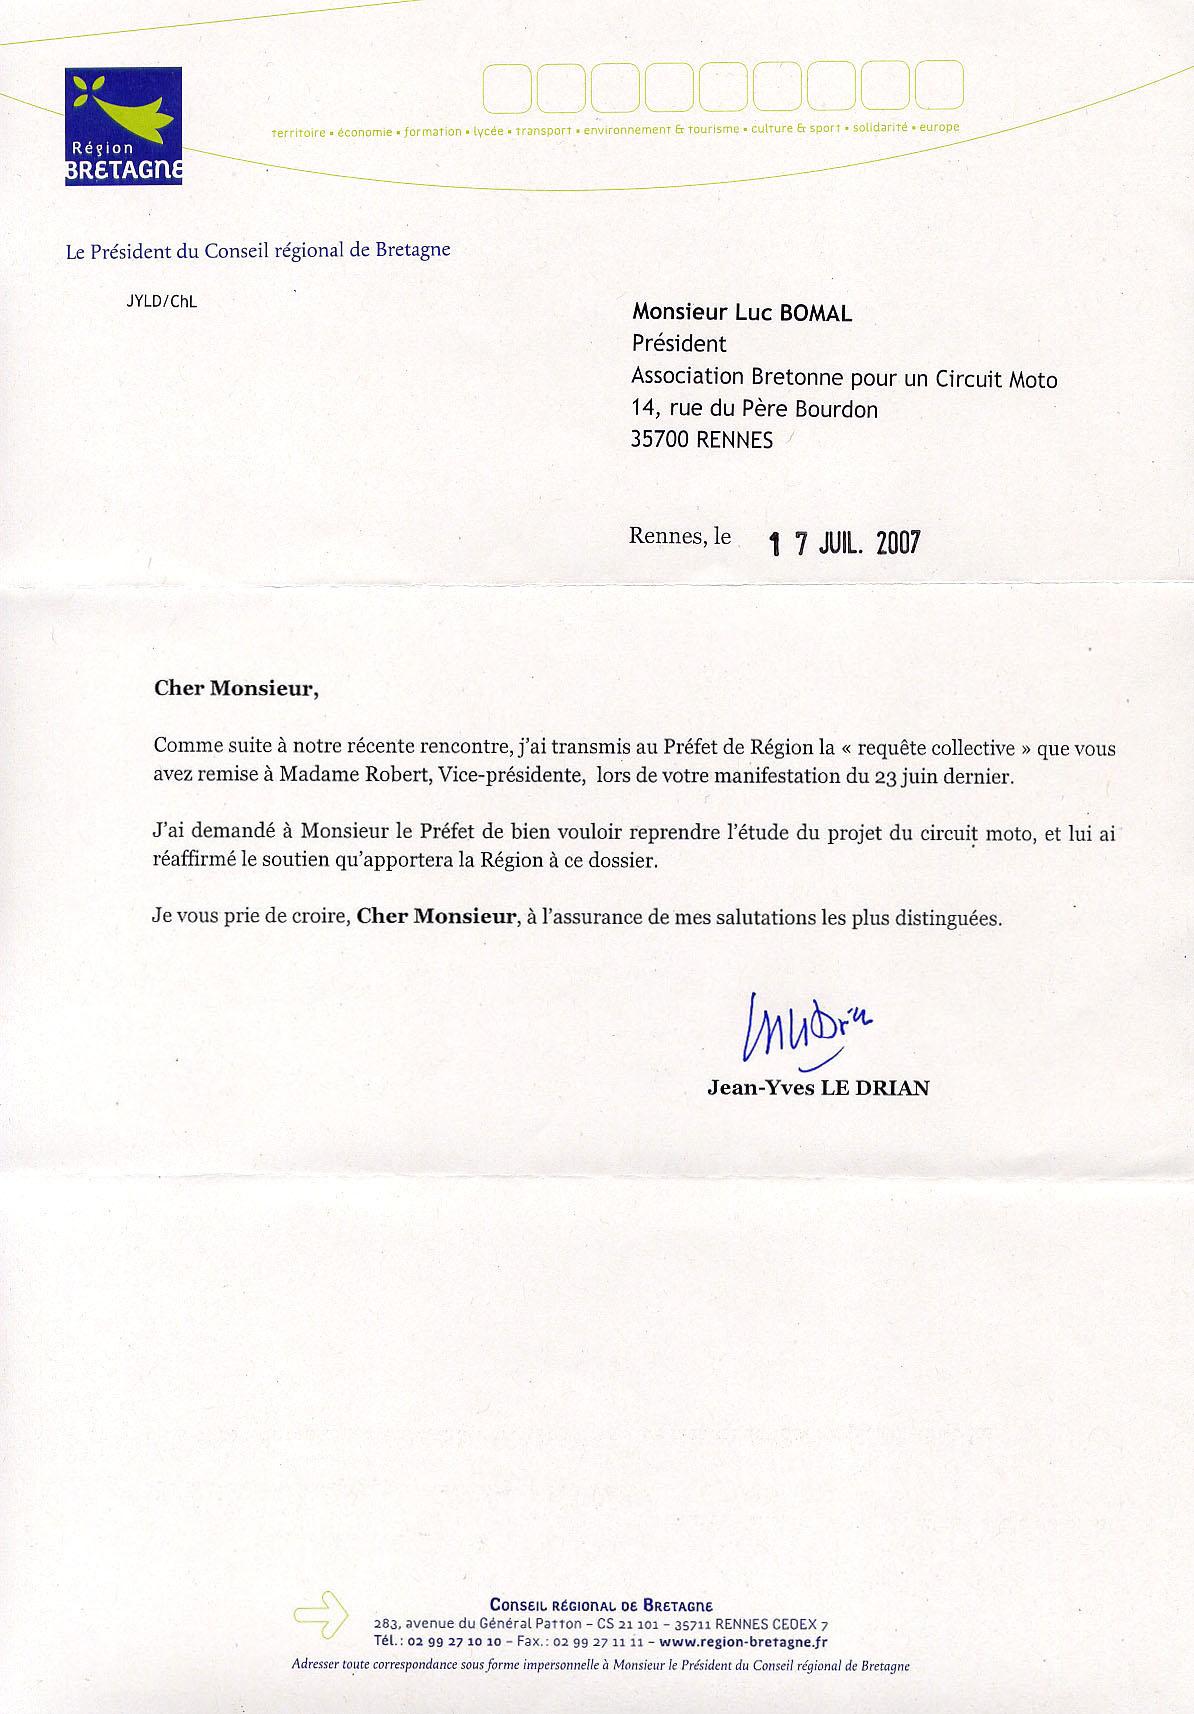 Exemple De Lettre De Remerciement Suite à Un Rendez-vous   Covering Letter Example